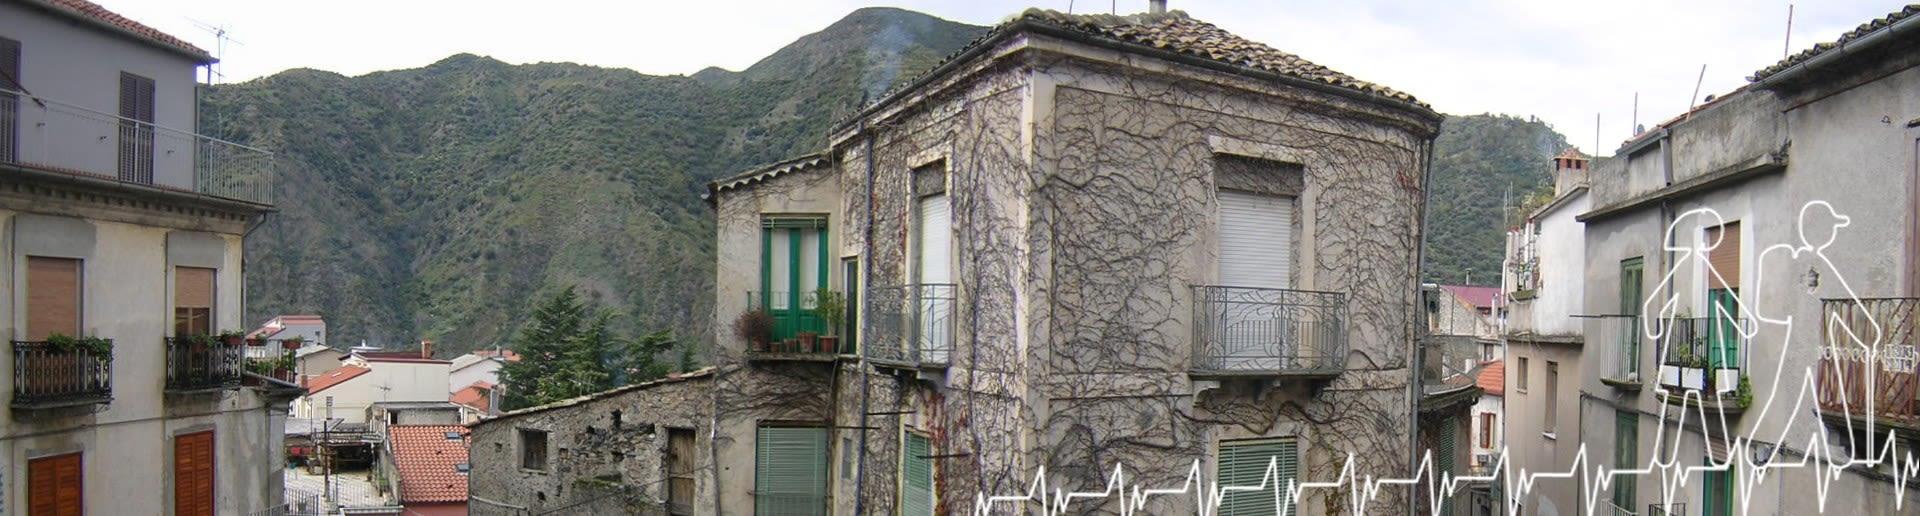 Bivongi; Scorcio del centro storico